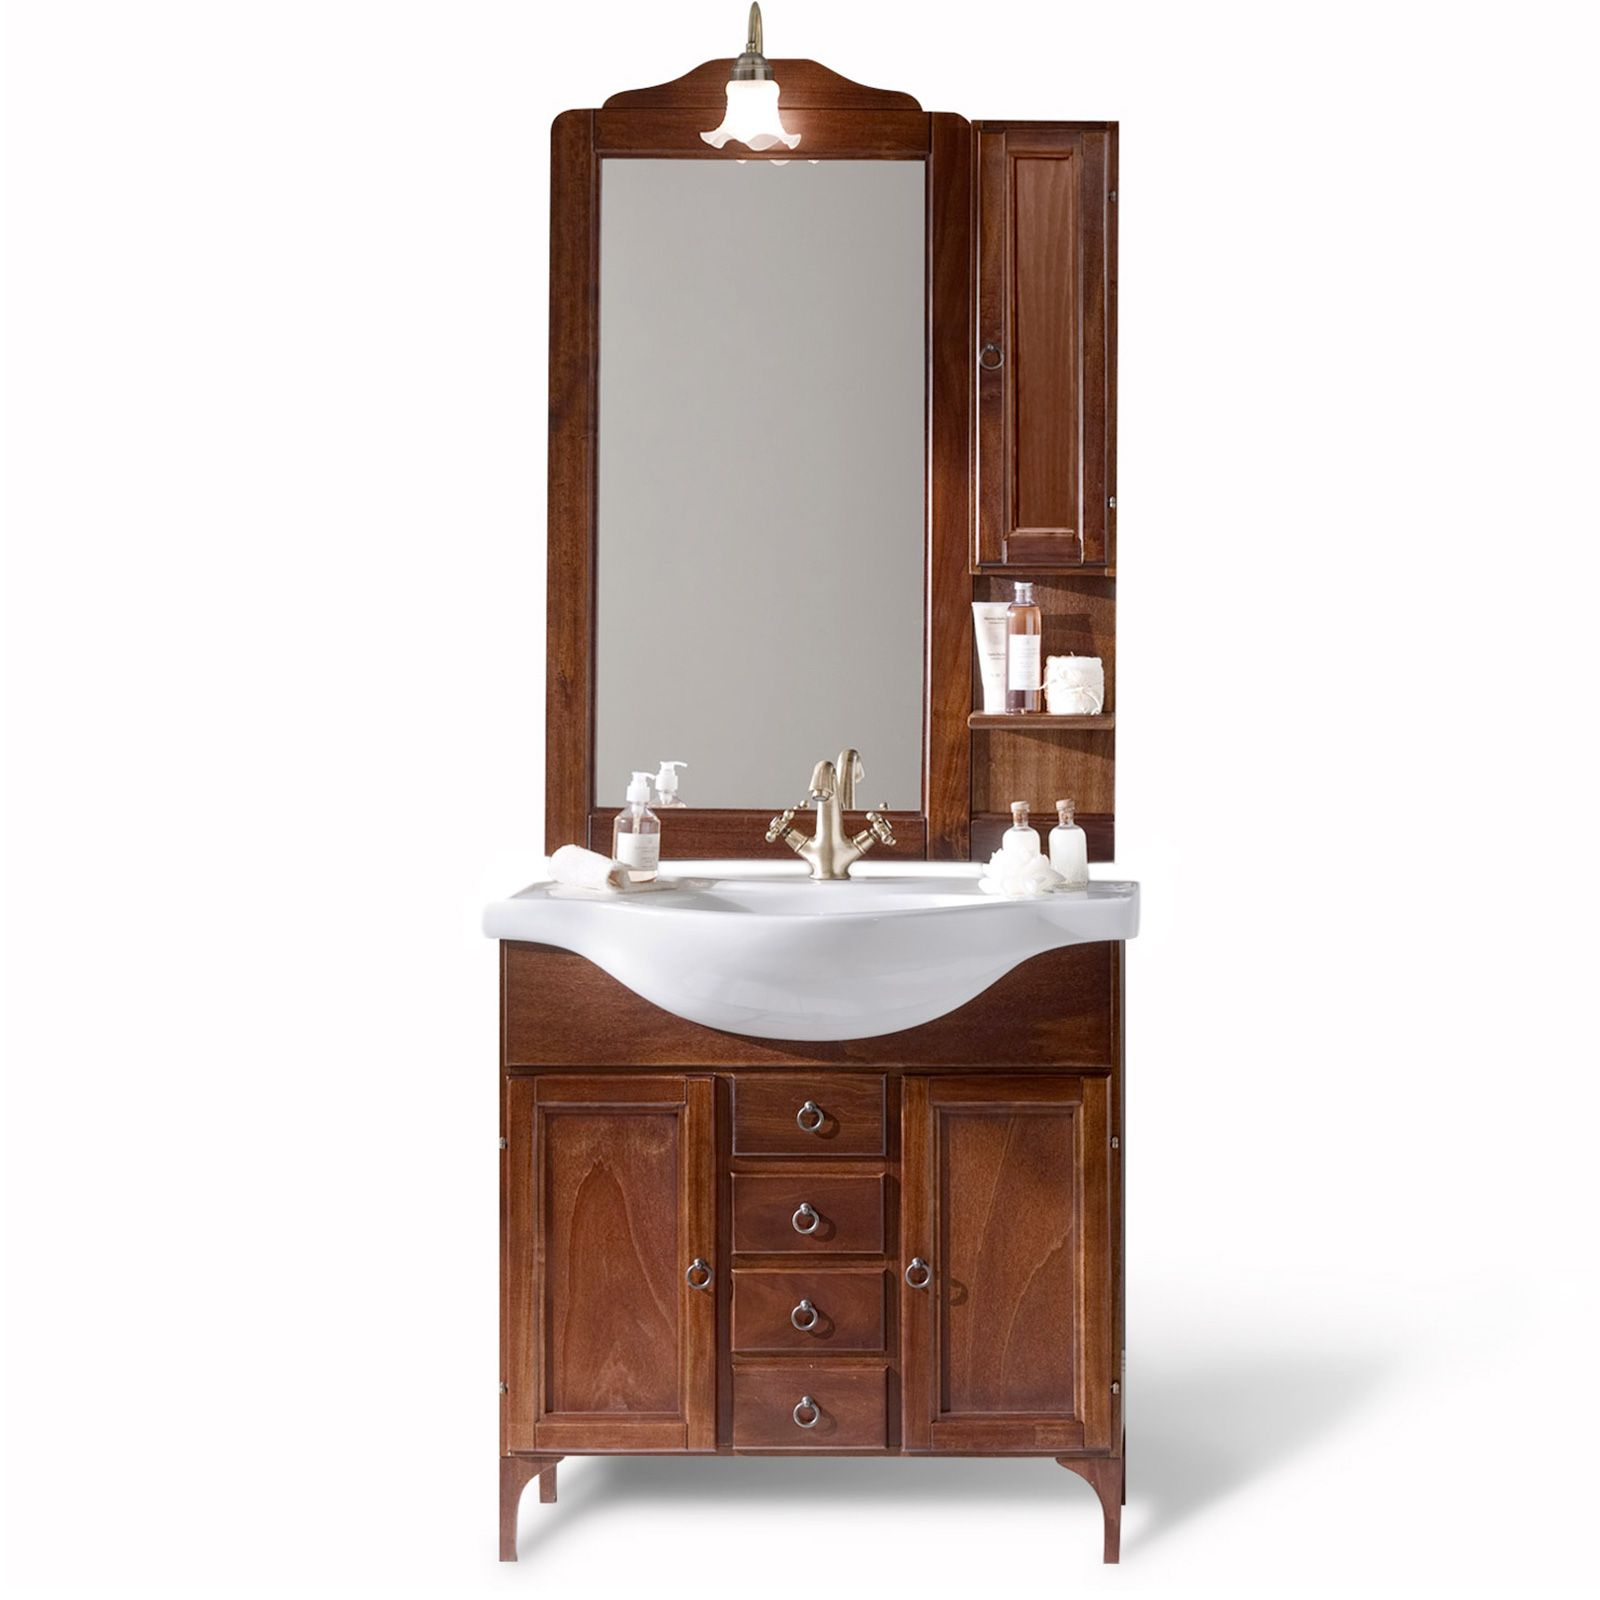 Mobile arredo da bagno arte povera cm 85 modello - Specchiera bagno legno ...